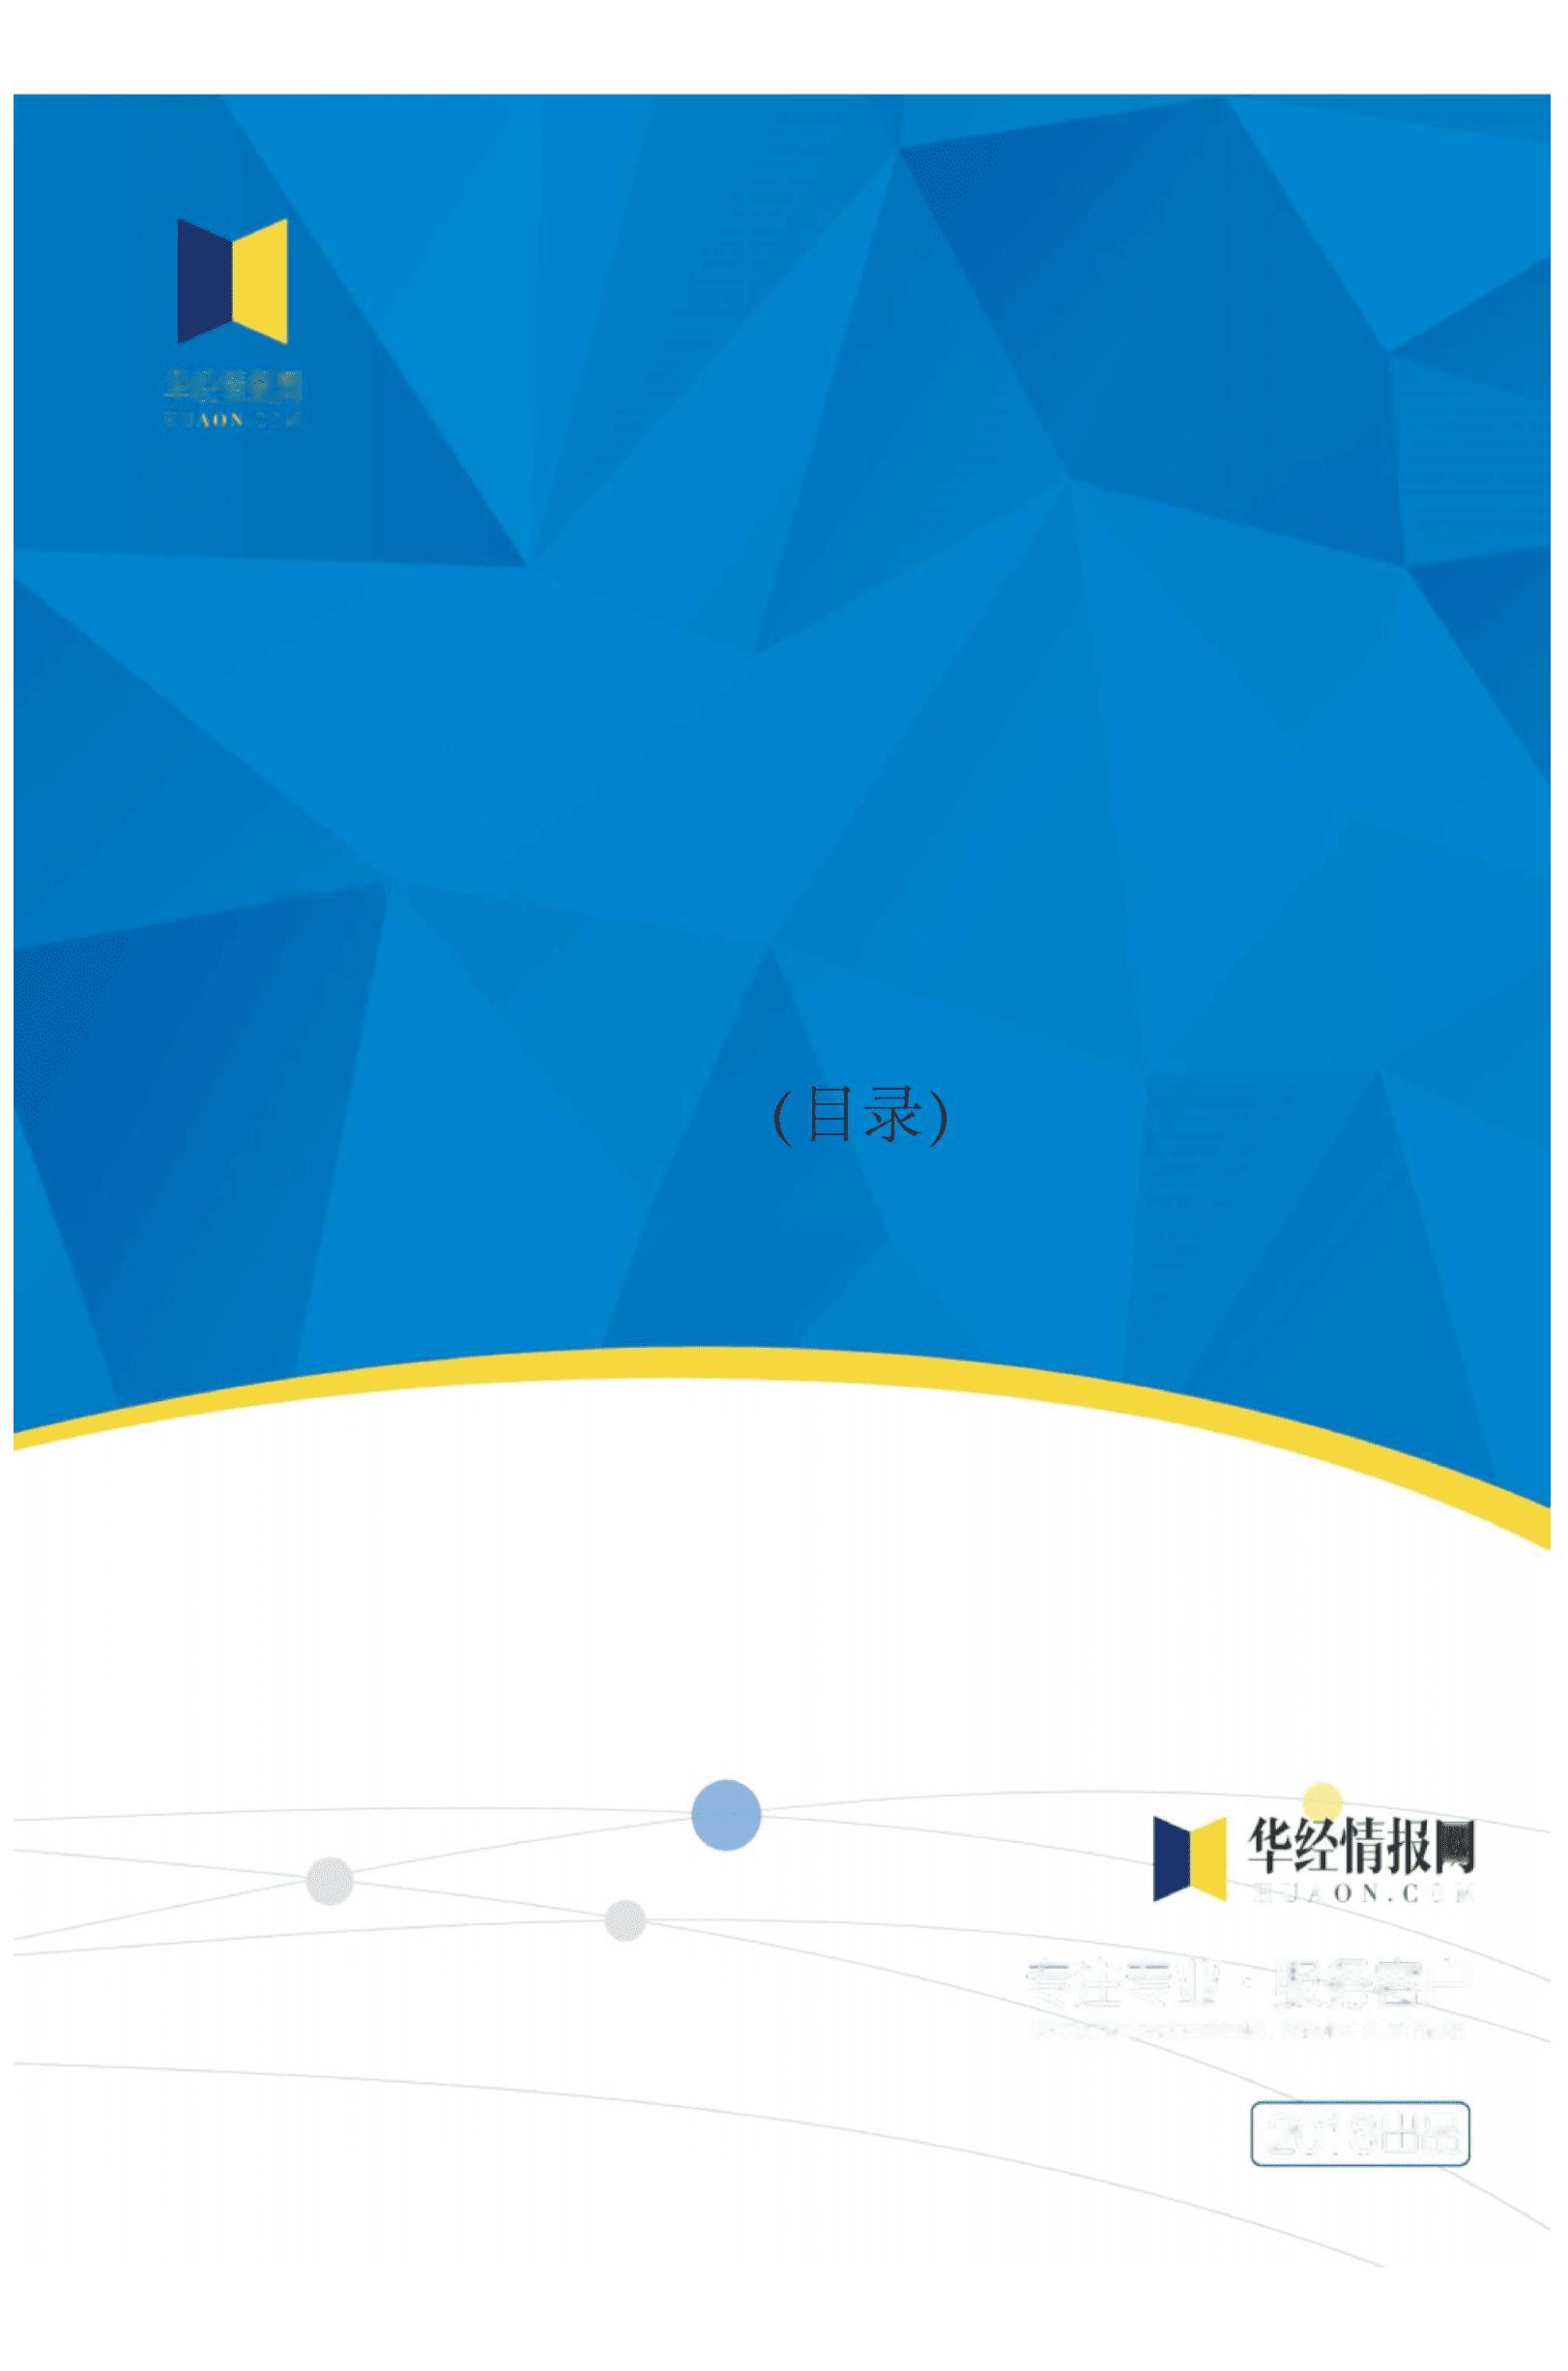 2018年中国互联网二手车市场研究及发展趋势预测(目录)(20200920213429).docx